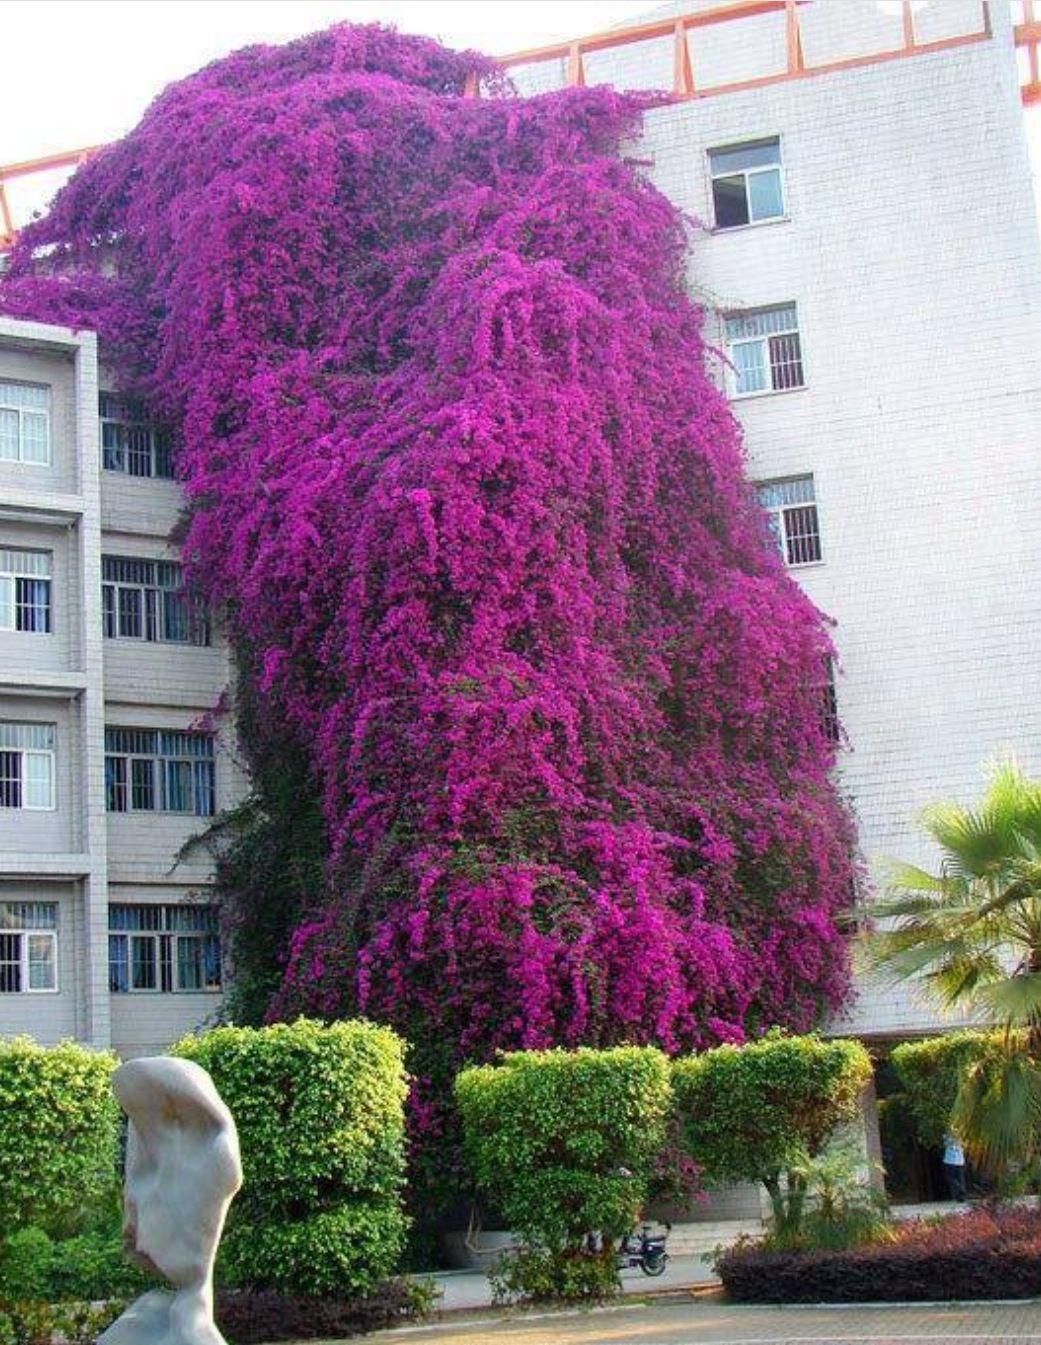 Árvore conhecida como primavera tem 30 metros de altura e cobre todo o prédio da Universidade de Nanning, China.